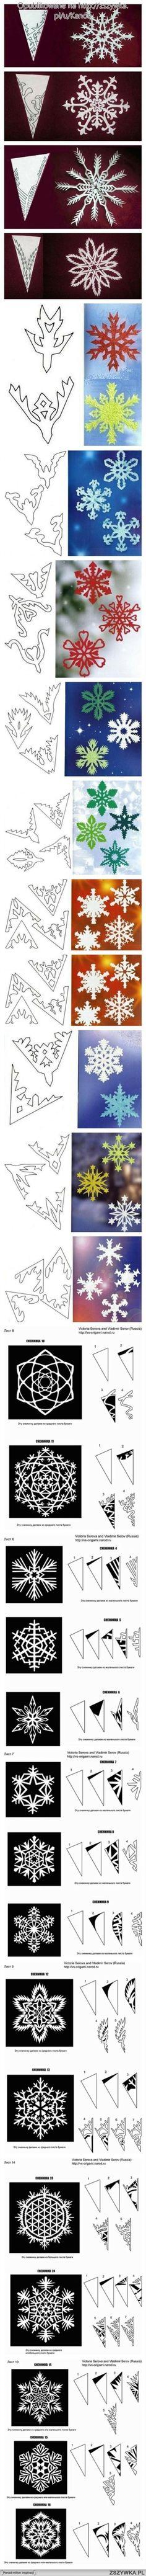 Kar taneleri nasıl yapılır.